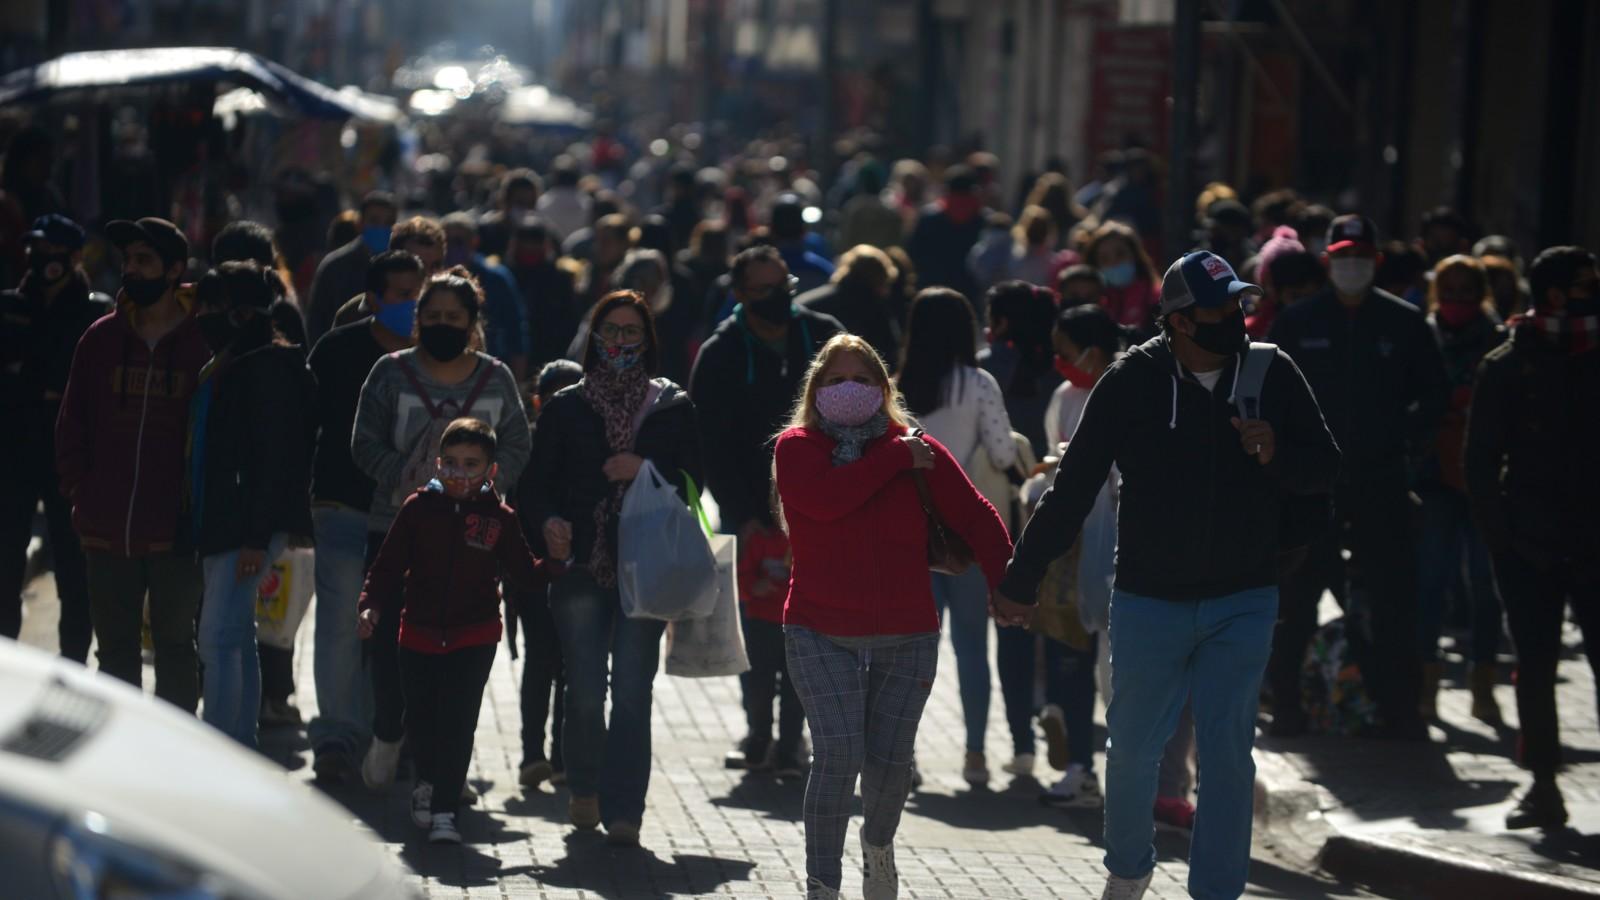 La provincia de Córdoba pasará a fase de distanciamiento social en pocos días